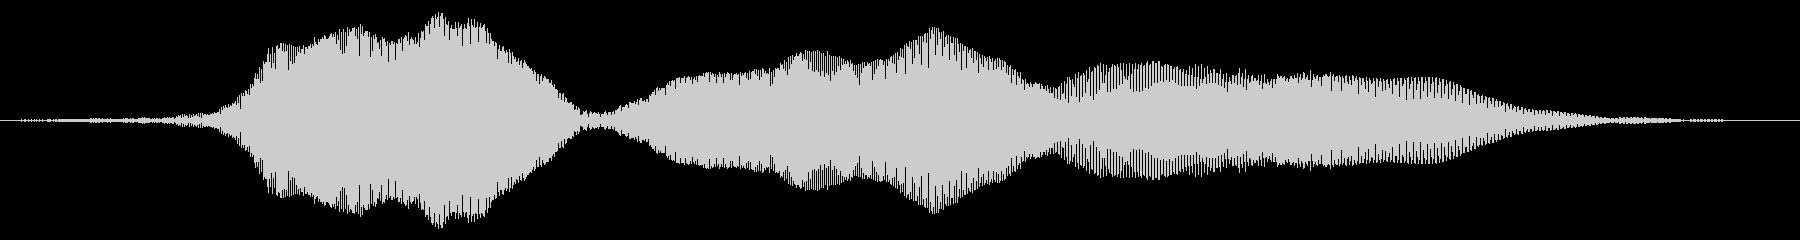 上下に漫画スライドCartoonの未再生の波形